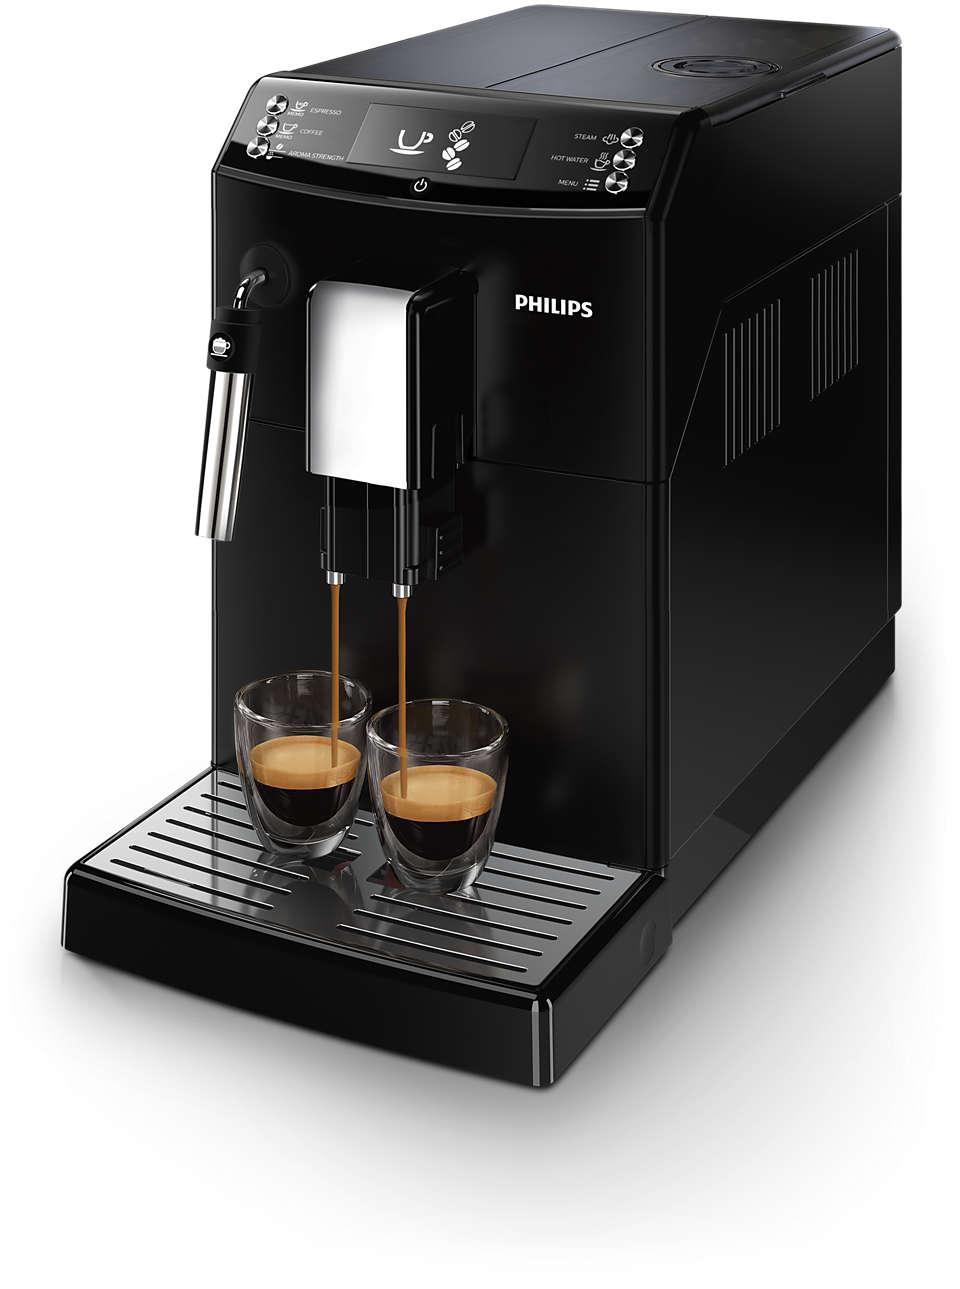 Café com um só toque, exatamente da forma que gosta